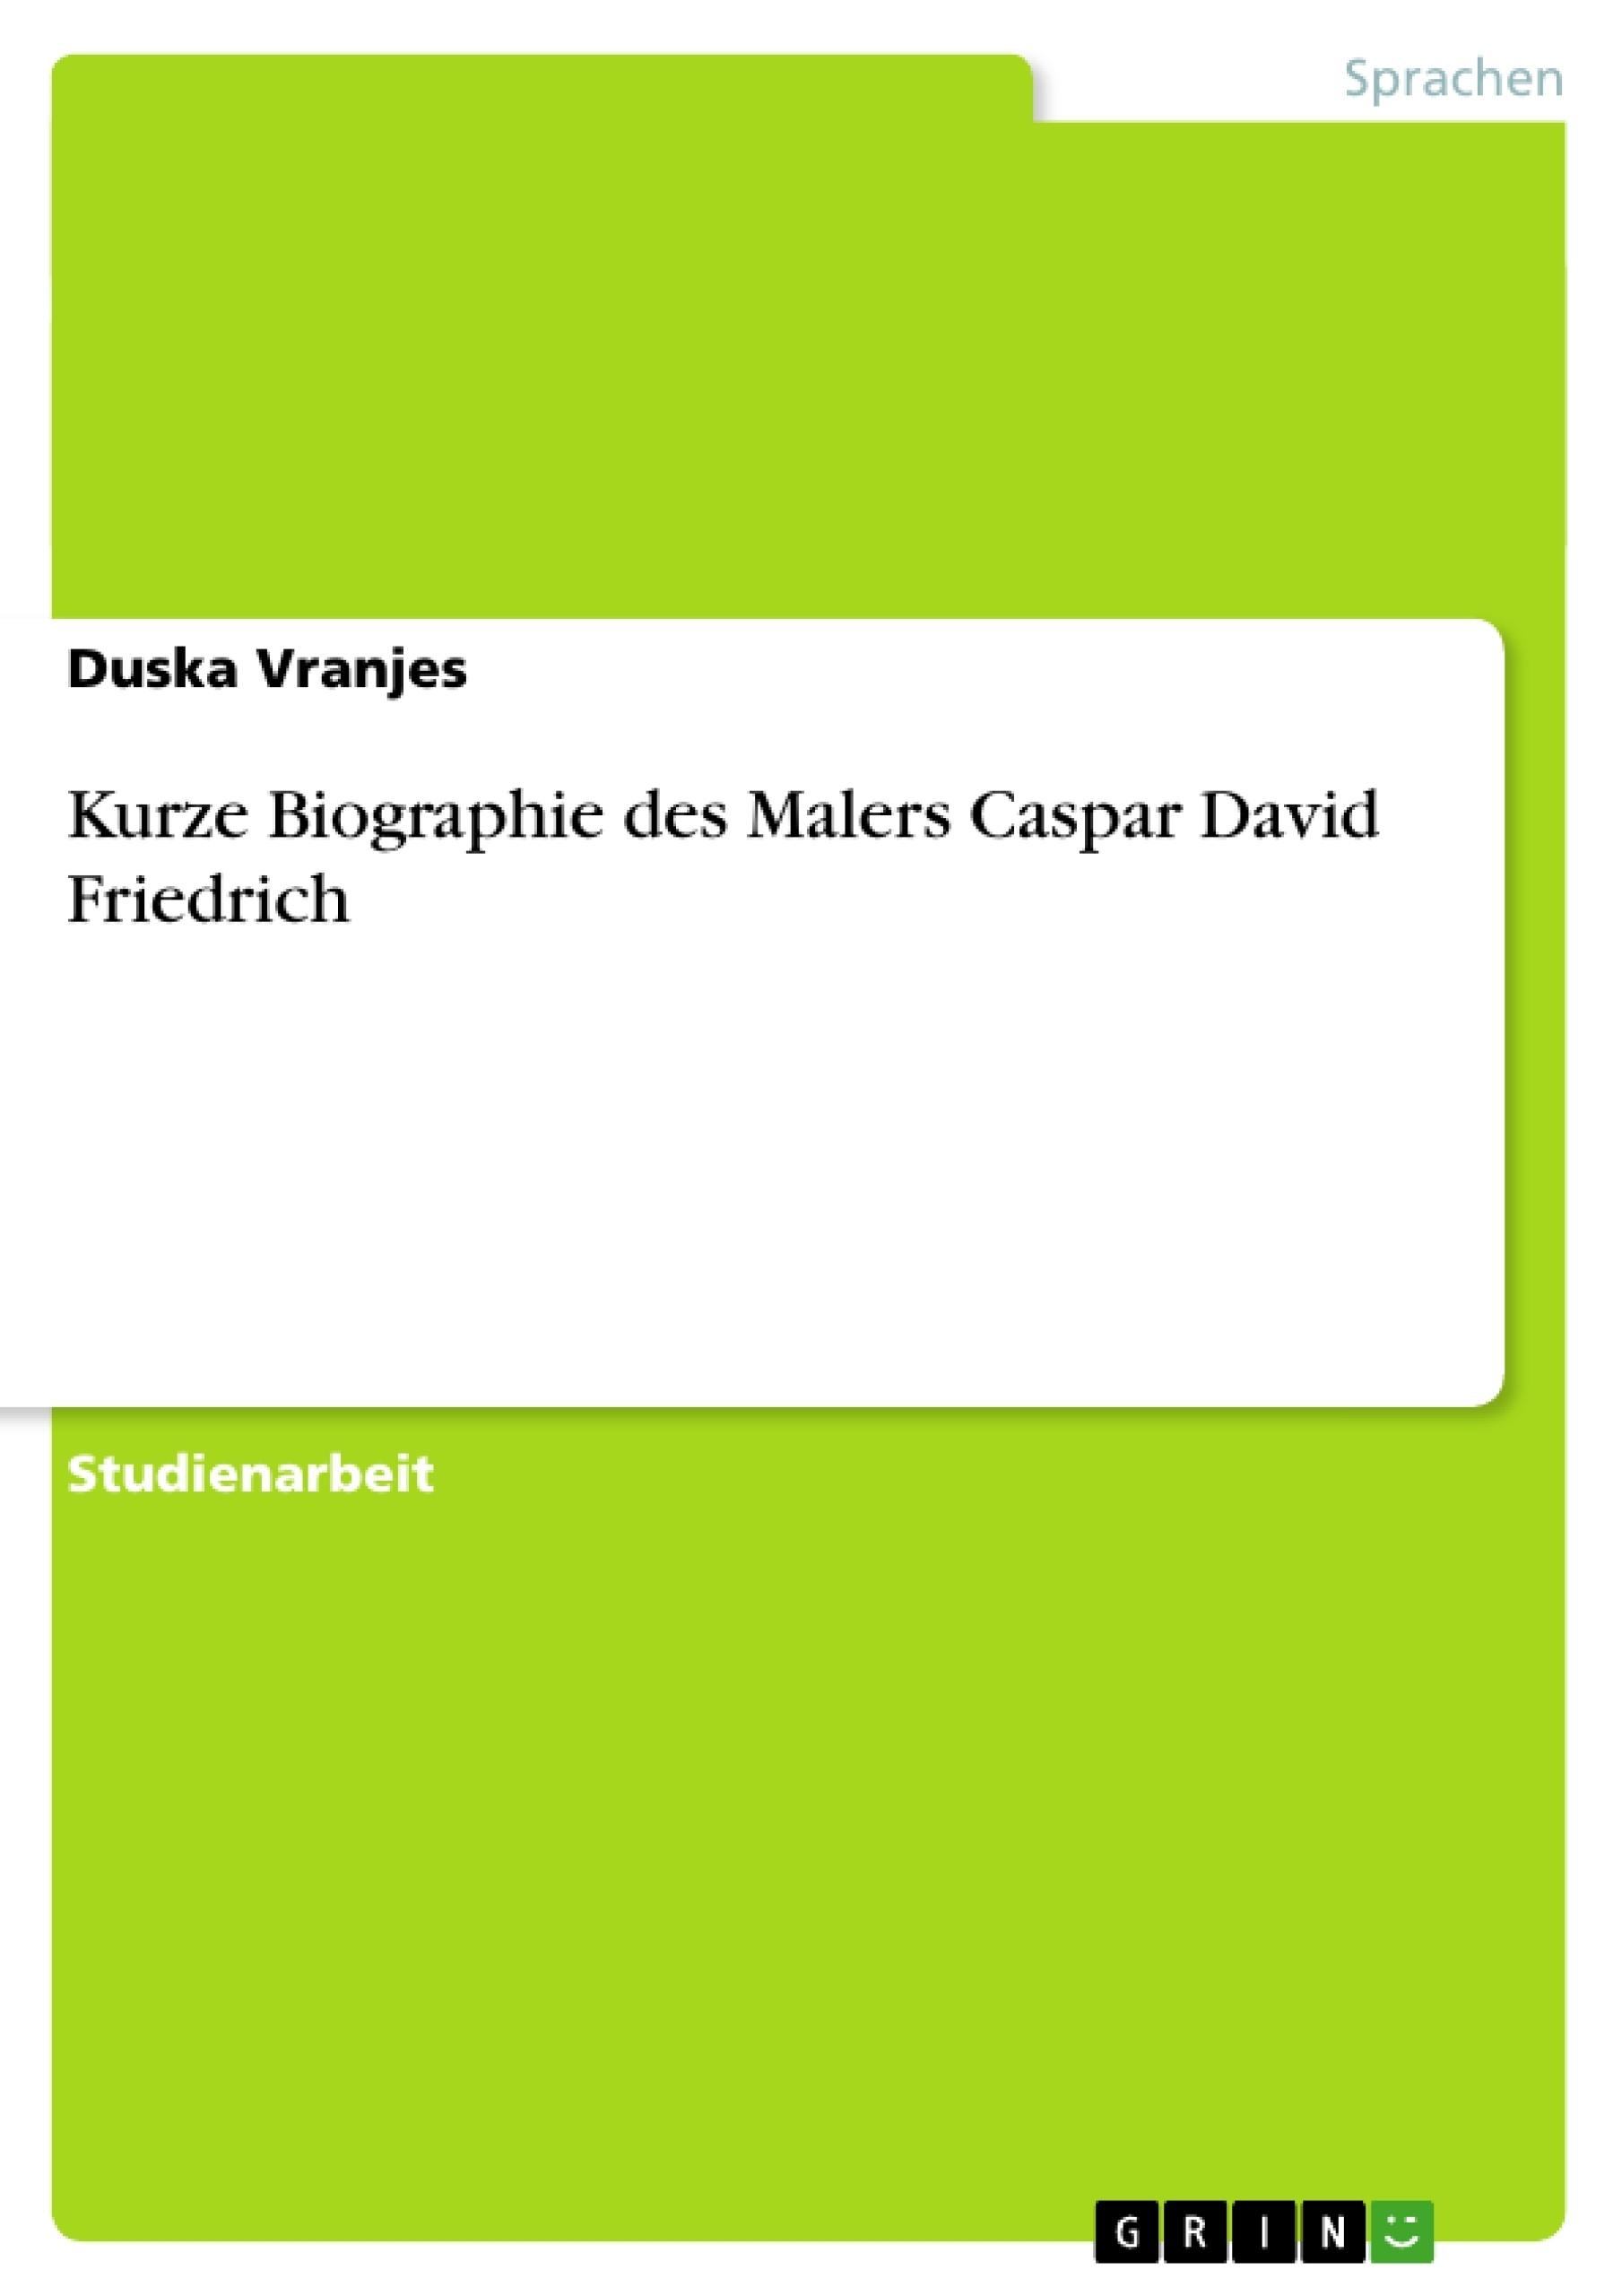 Beste Lebenslauf Des Malers Galerie - Beispielzusammenfassung Ideen ...